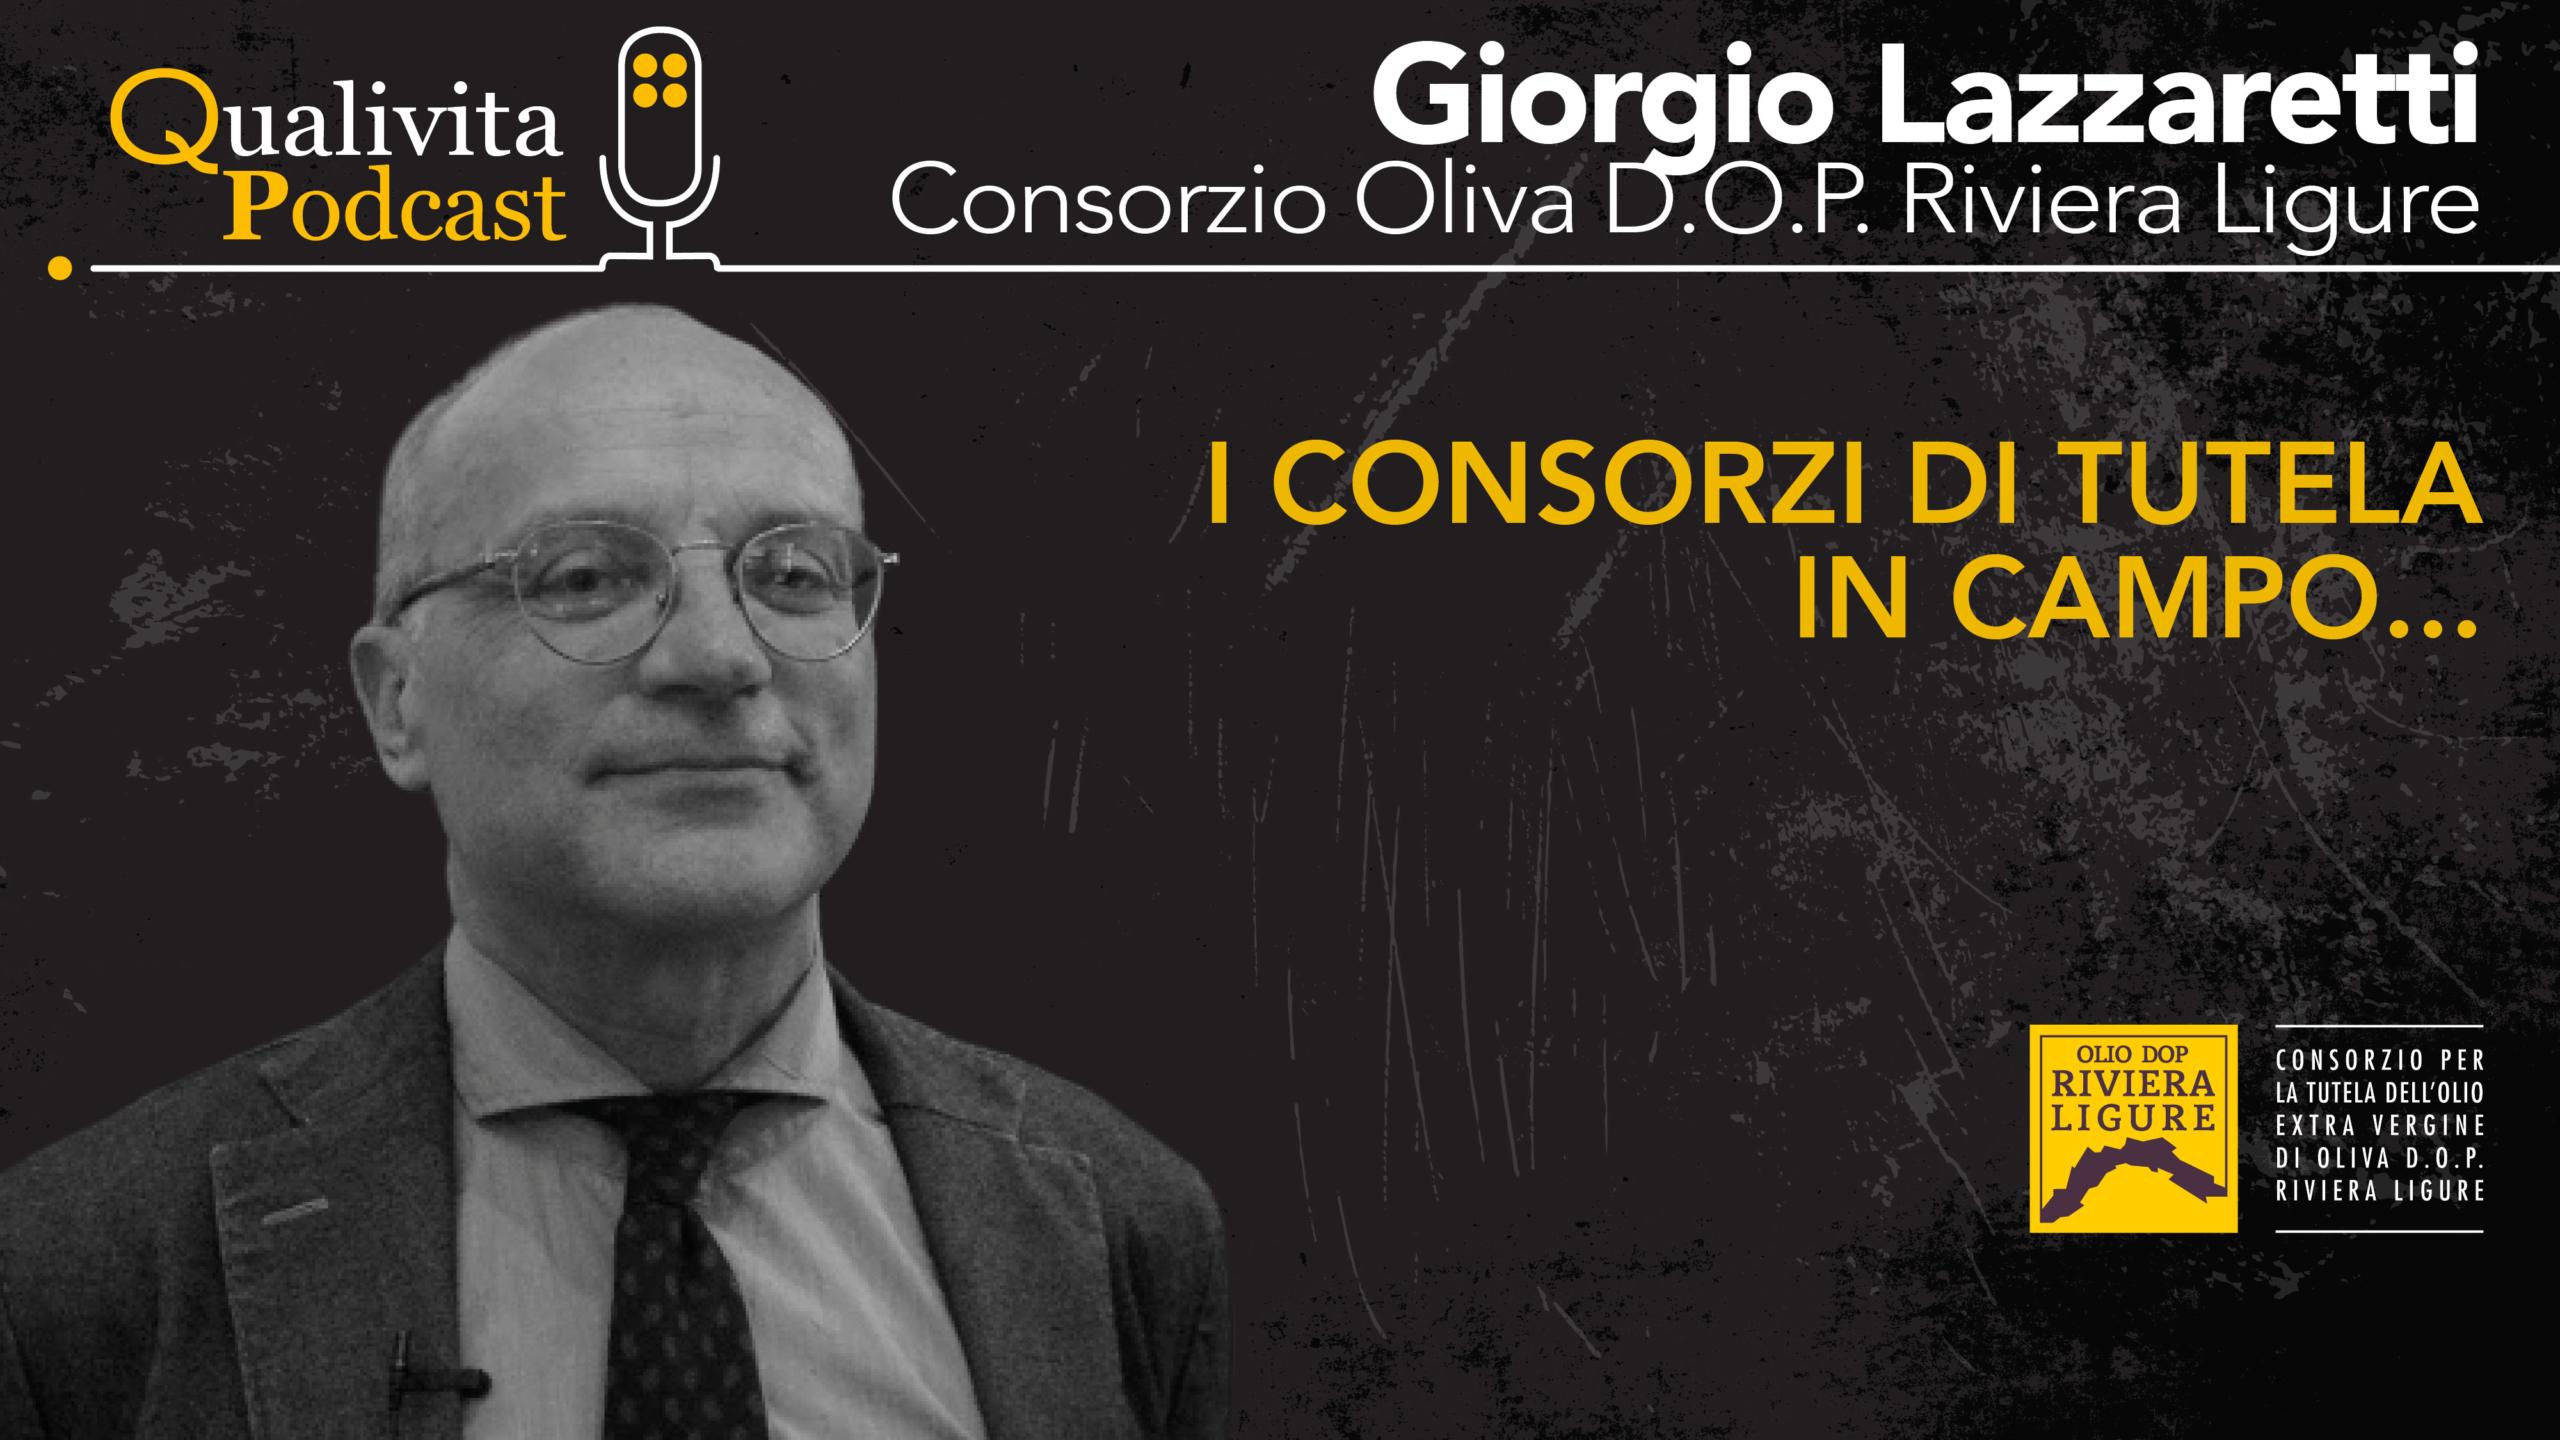 Giorgio Lazzaretti, Consorzio di tutela Olio Riviera Ligure DOP